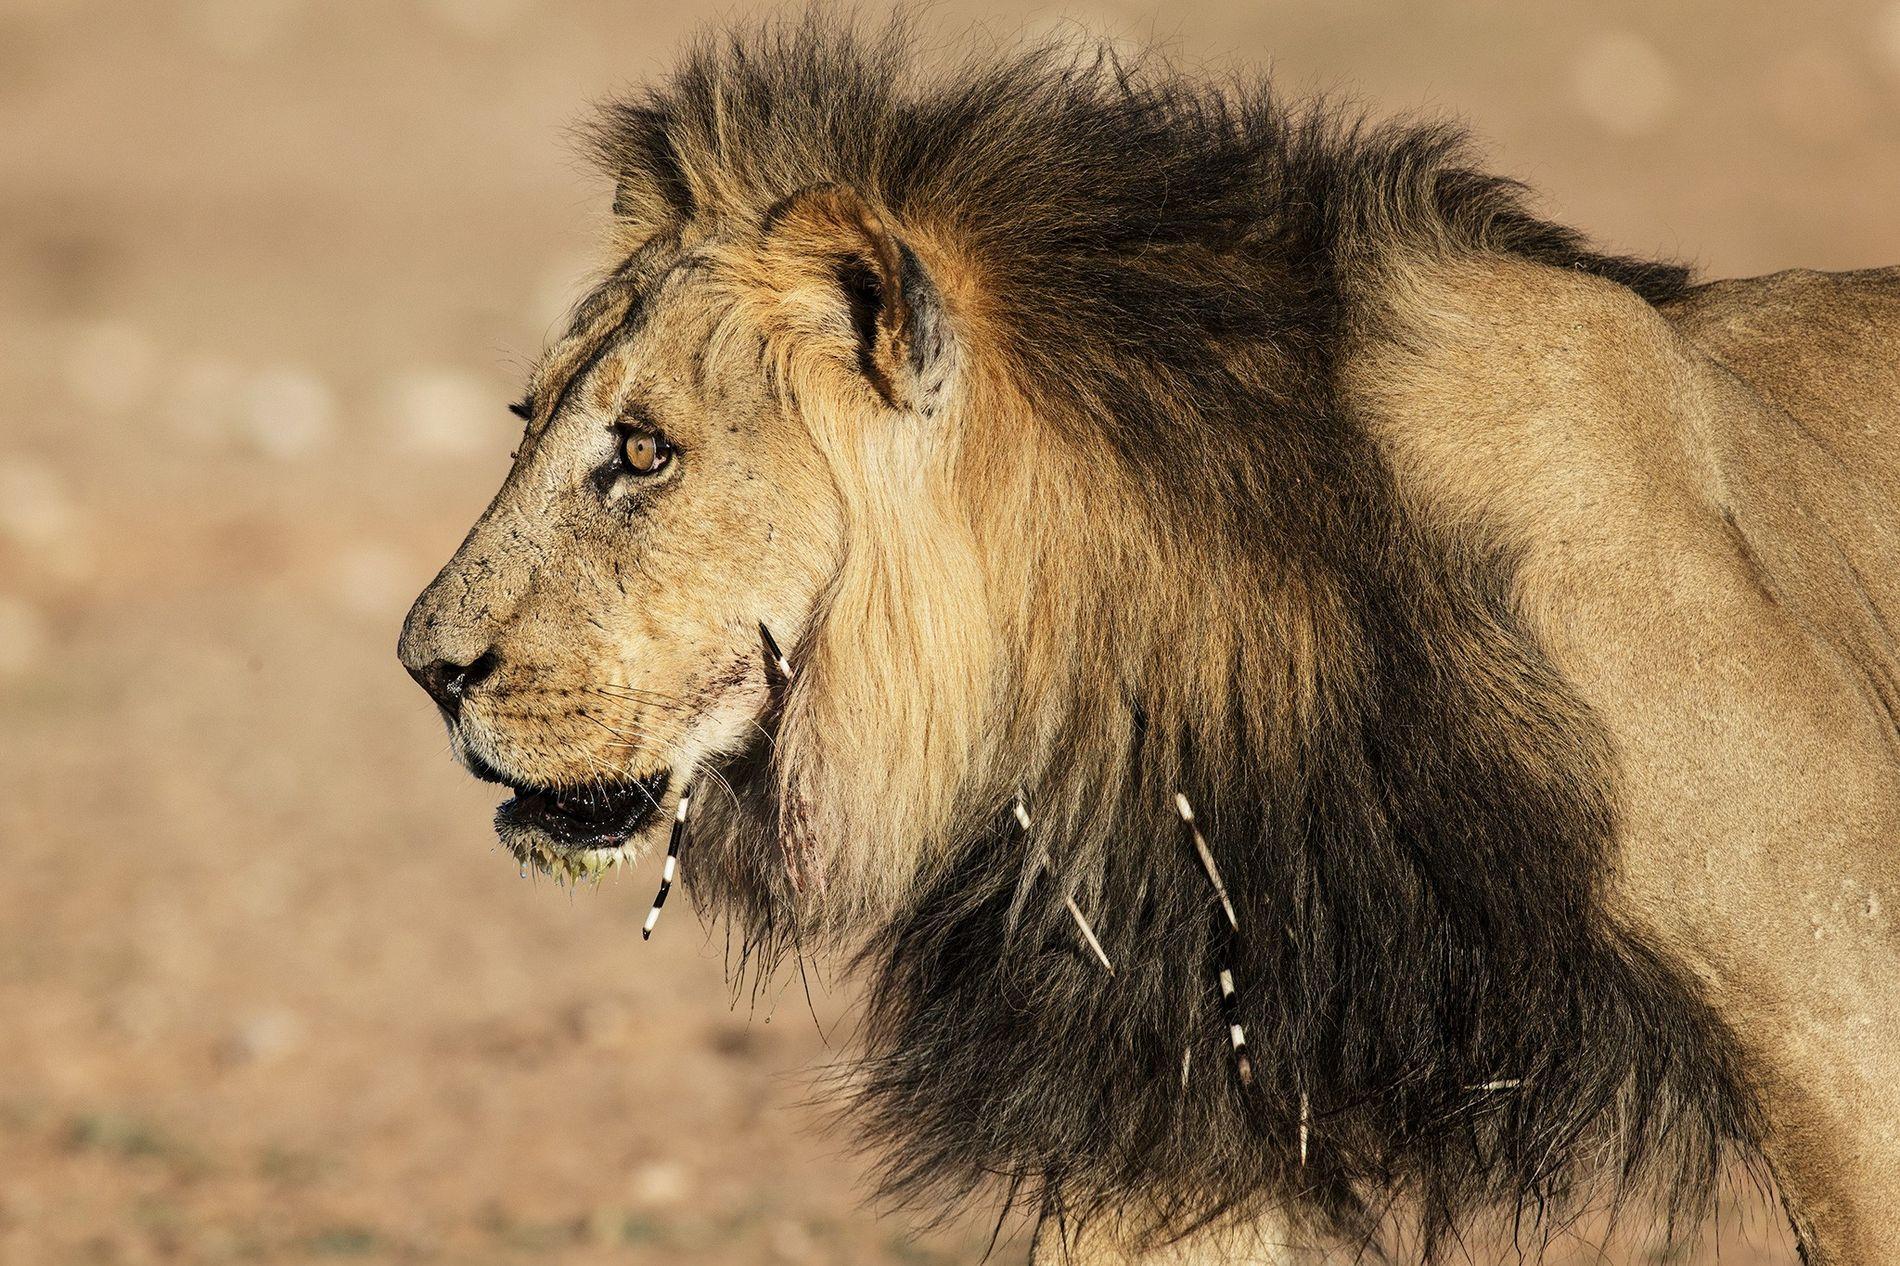 Un león con púas de puercoespín